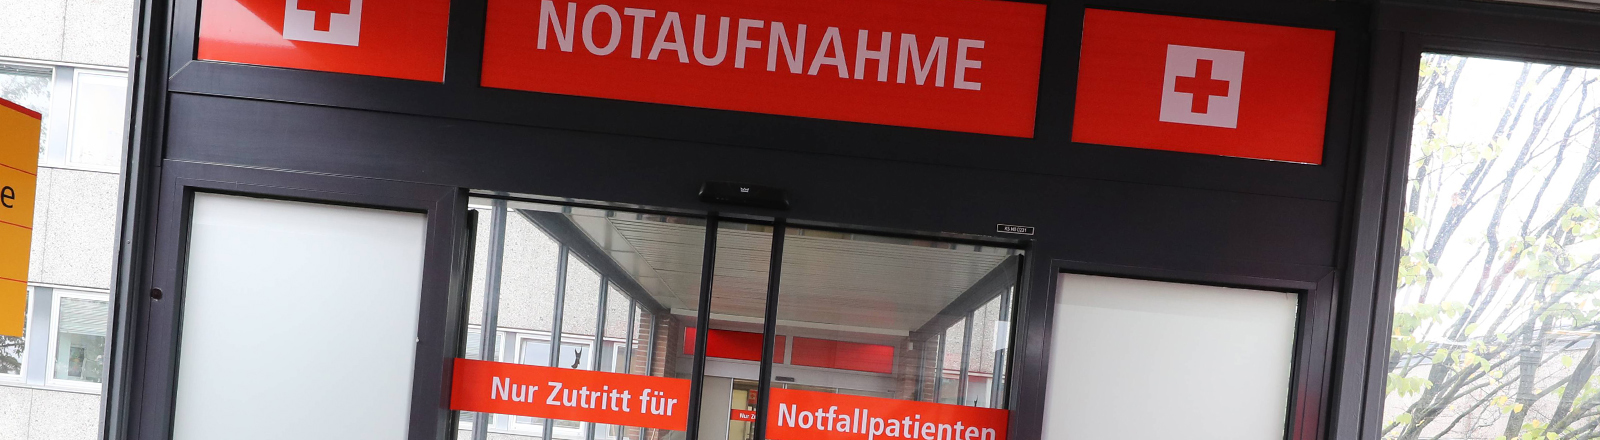 Notaufnahme der Medizinischen Hochschule Hannover